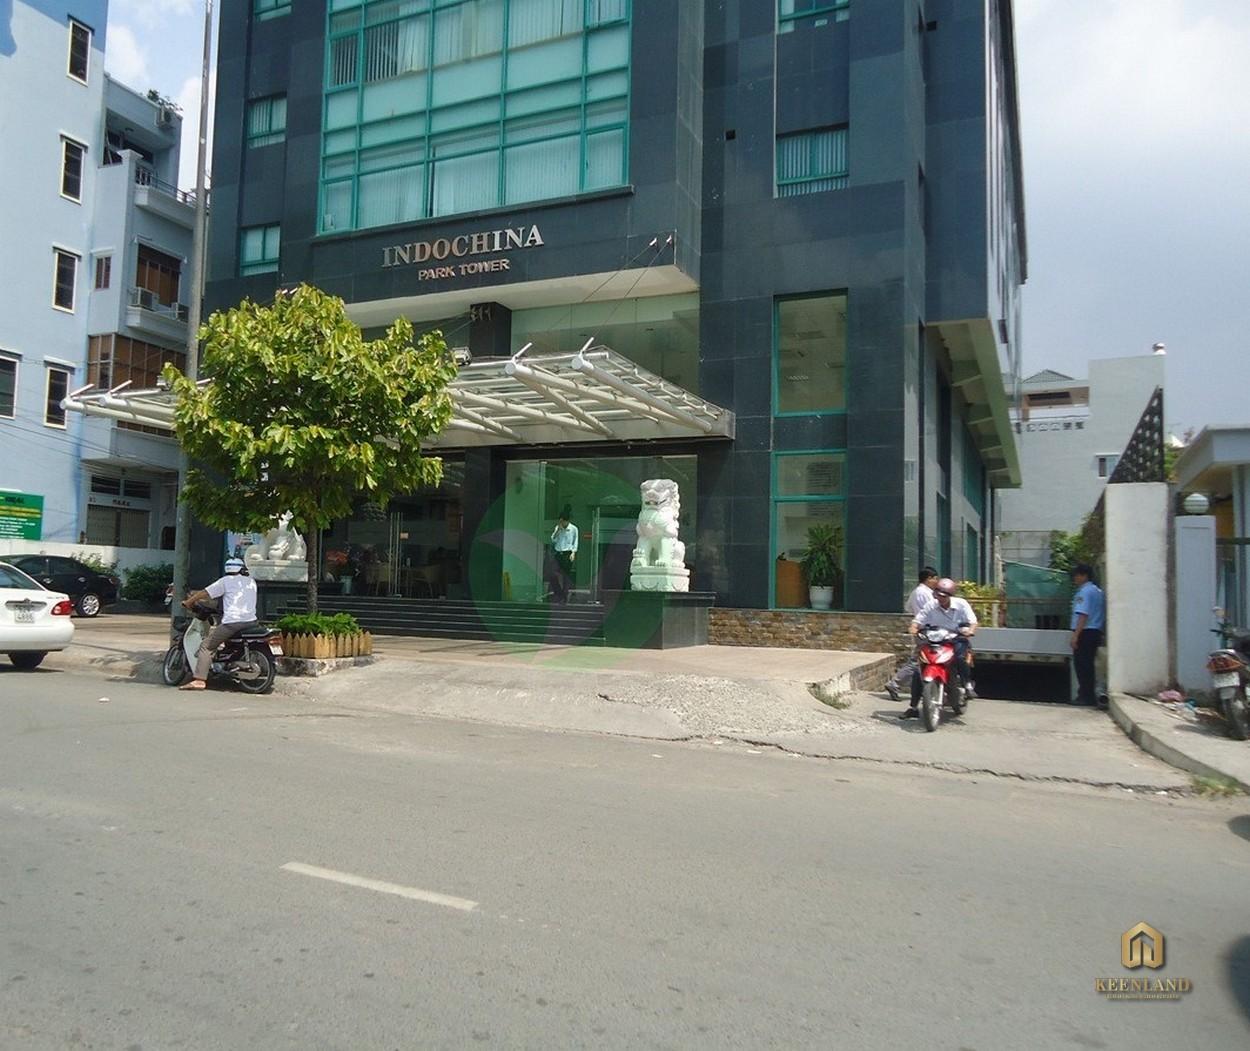 Đường nội bộ trước tòa nhà Indochina Park Tower